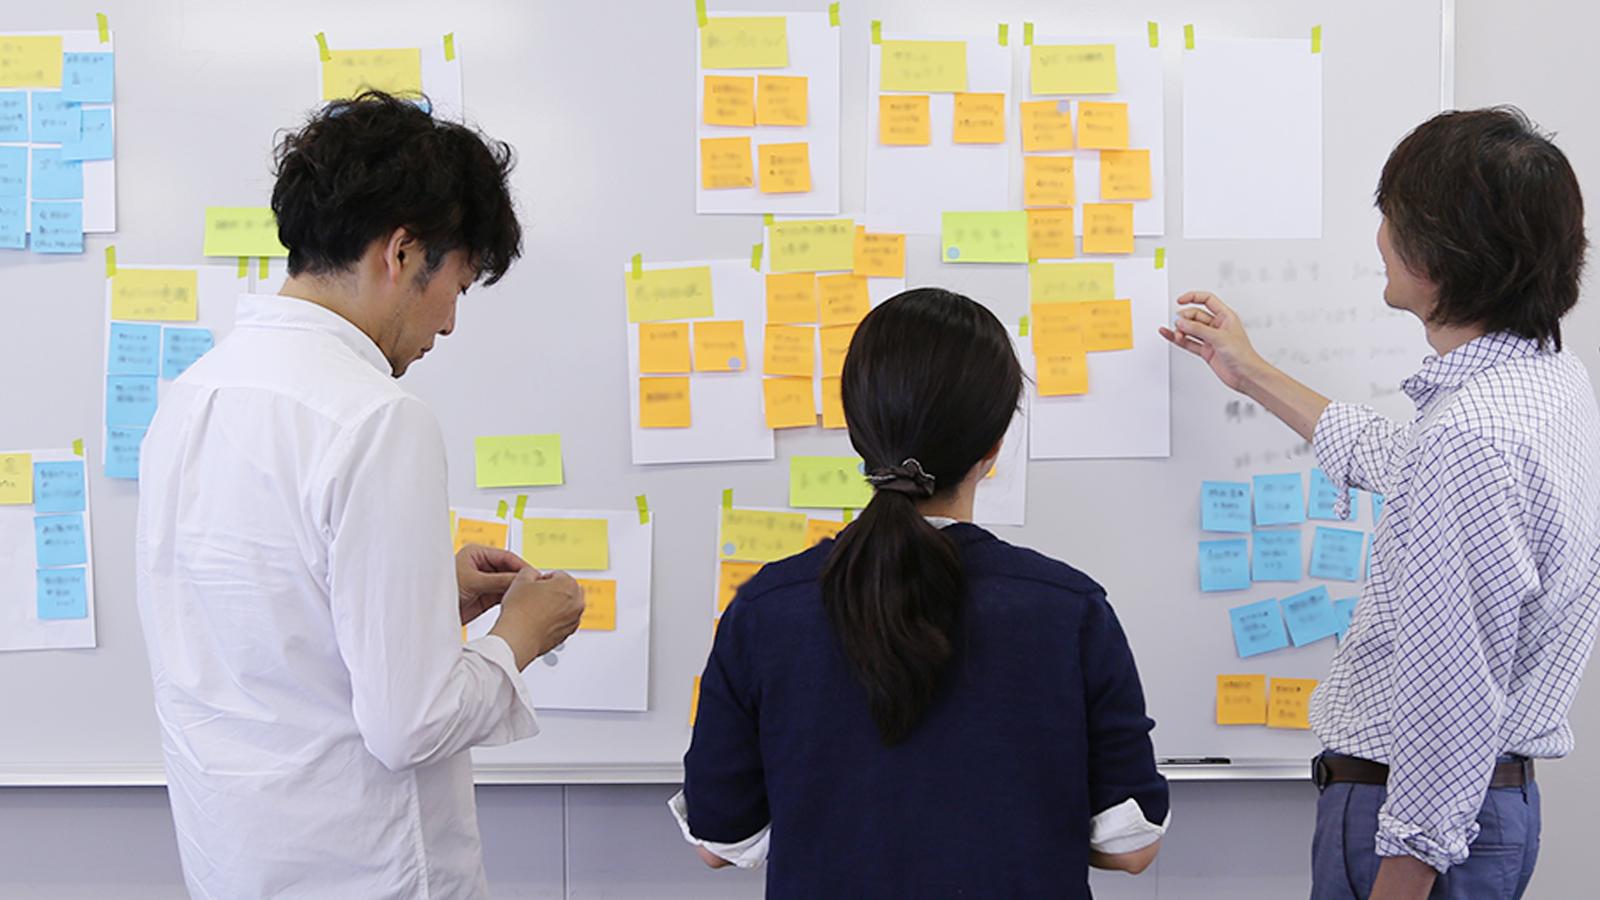 未来のコミュニケーションのデザイン開発支援